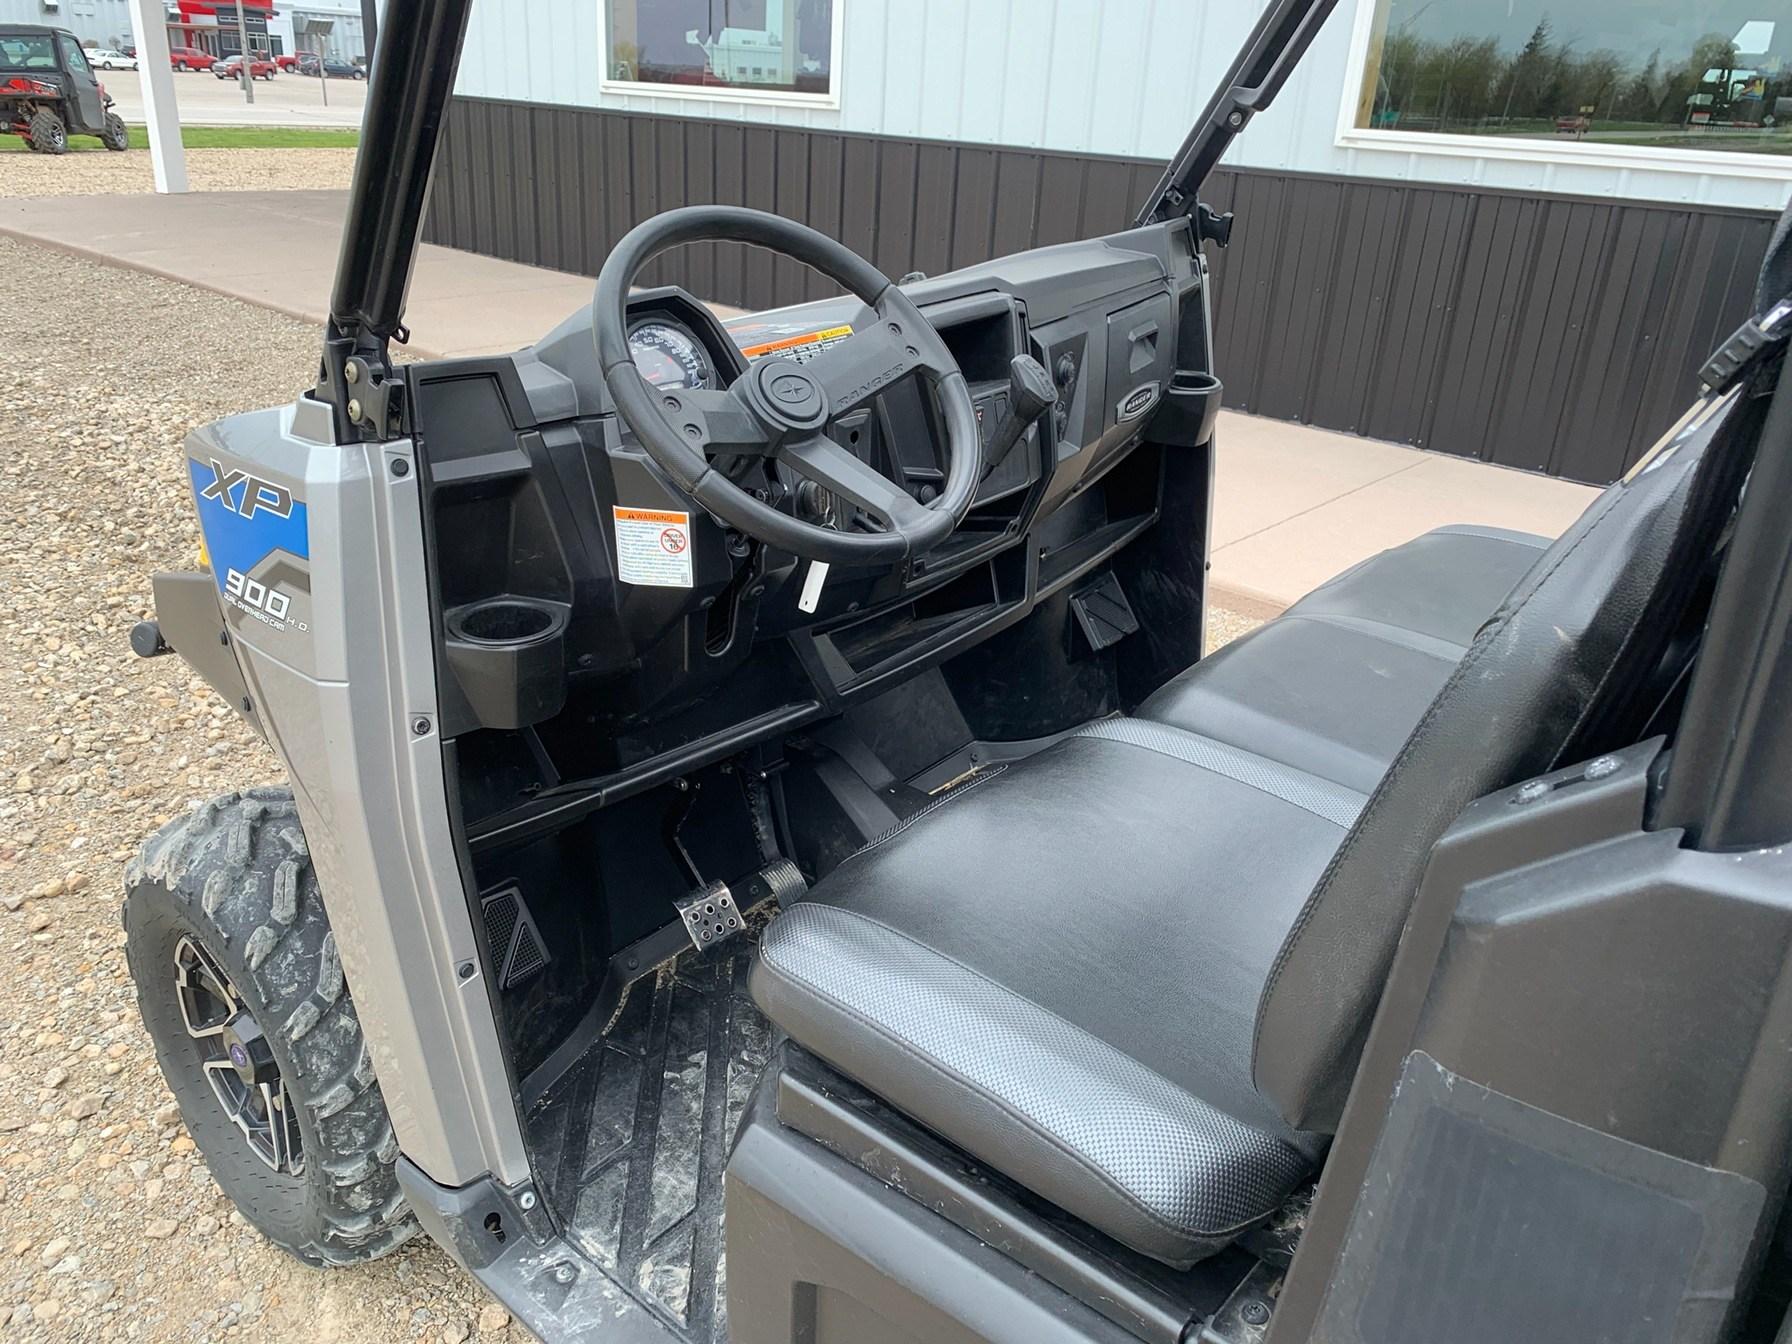 2017 Polaris Ranger XP 900 EPS in Algona, Iowa